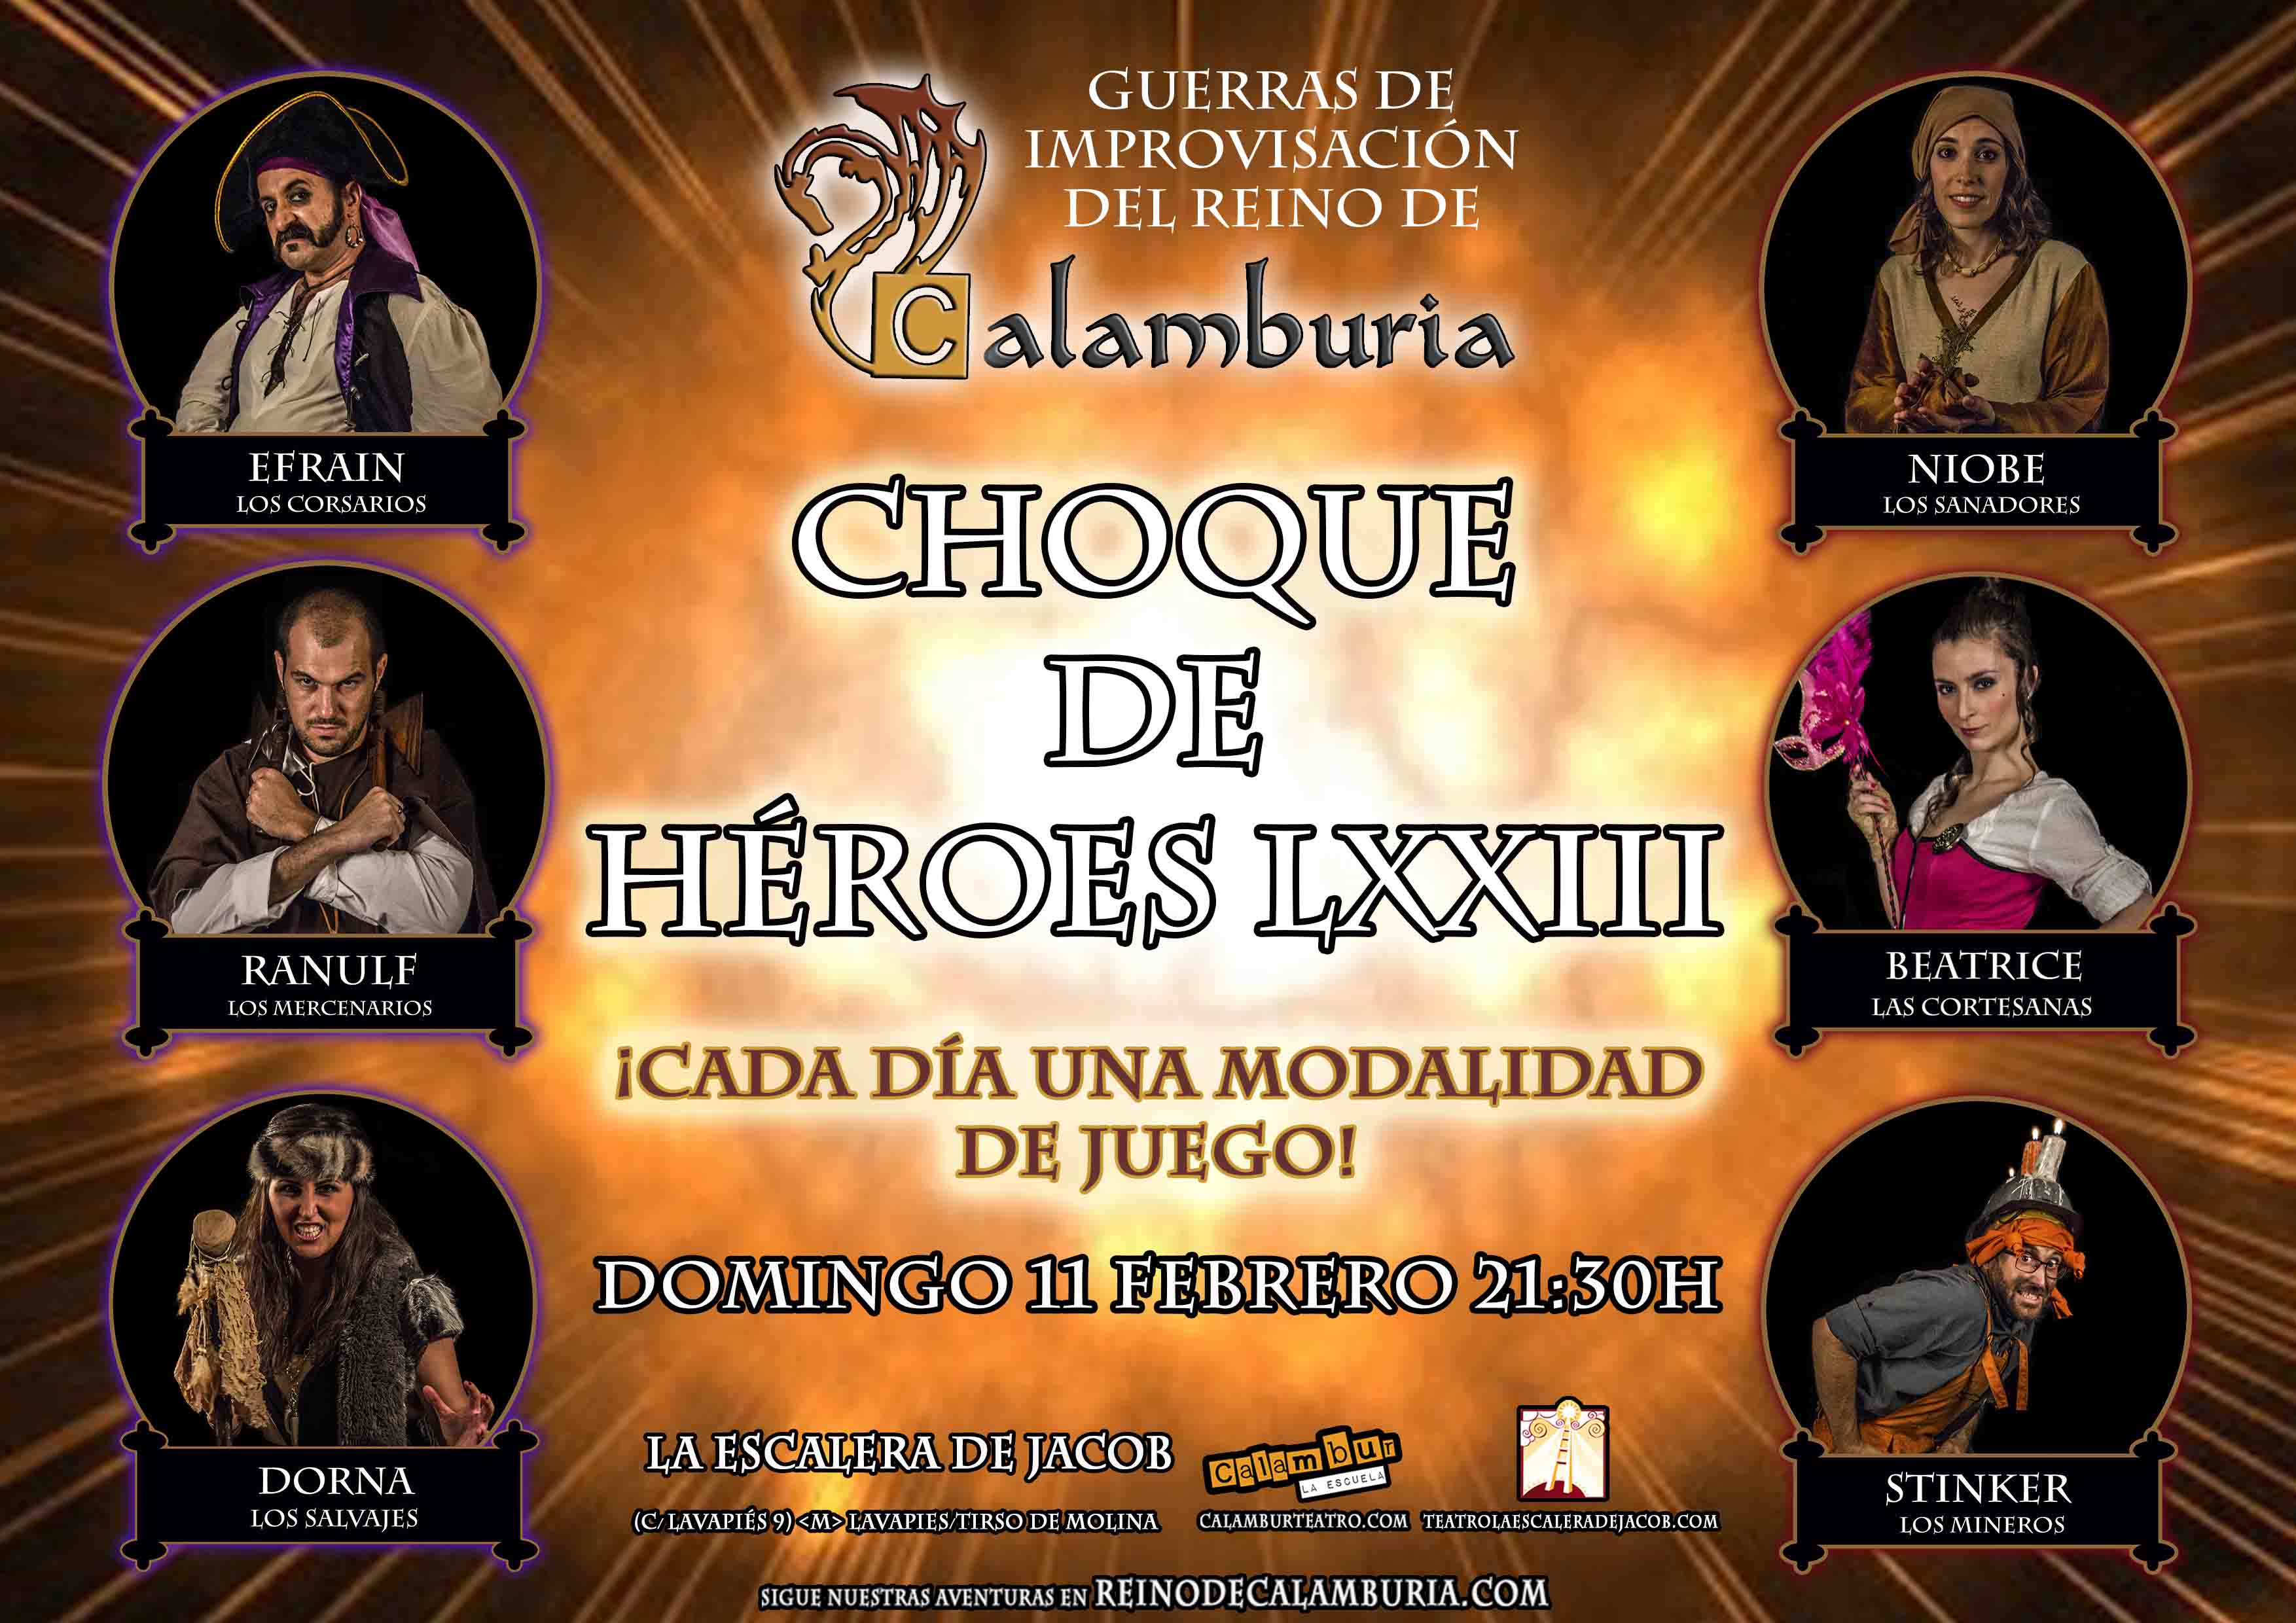 CHOQUE DE HEROES 73